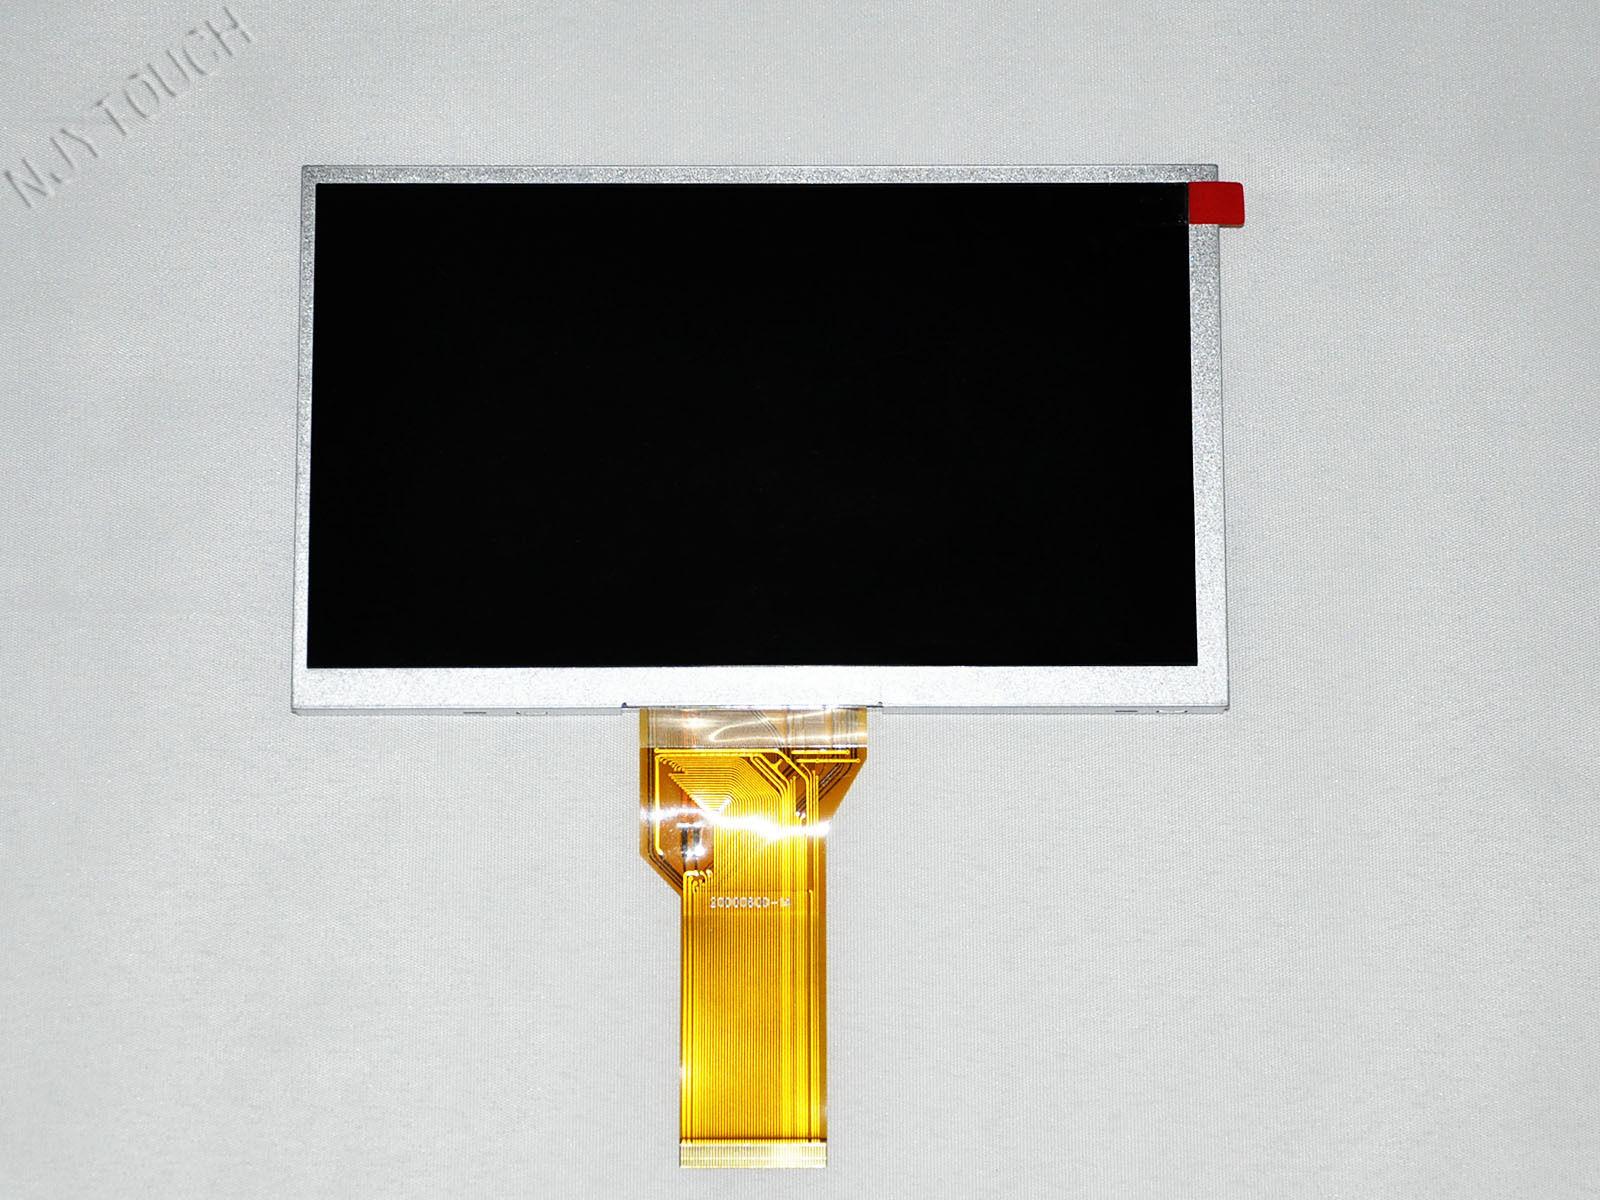 AT070TN92 LCD Panel